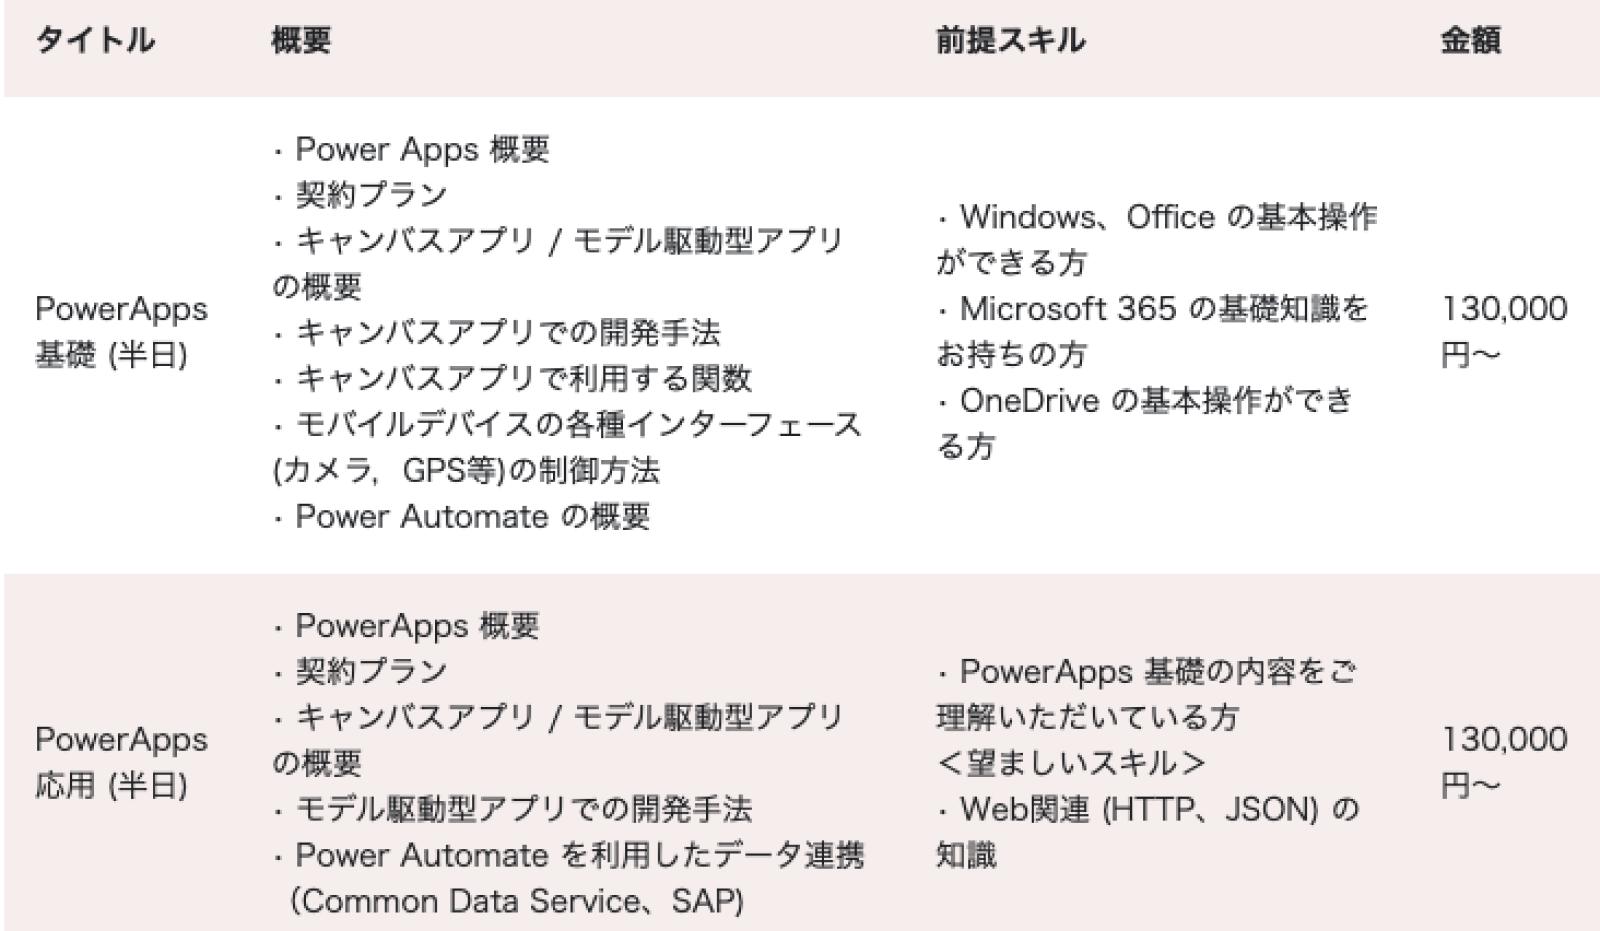 プロアクシアコンサルティング株式会社のサービス内容のスクリーンショット